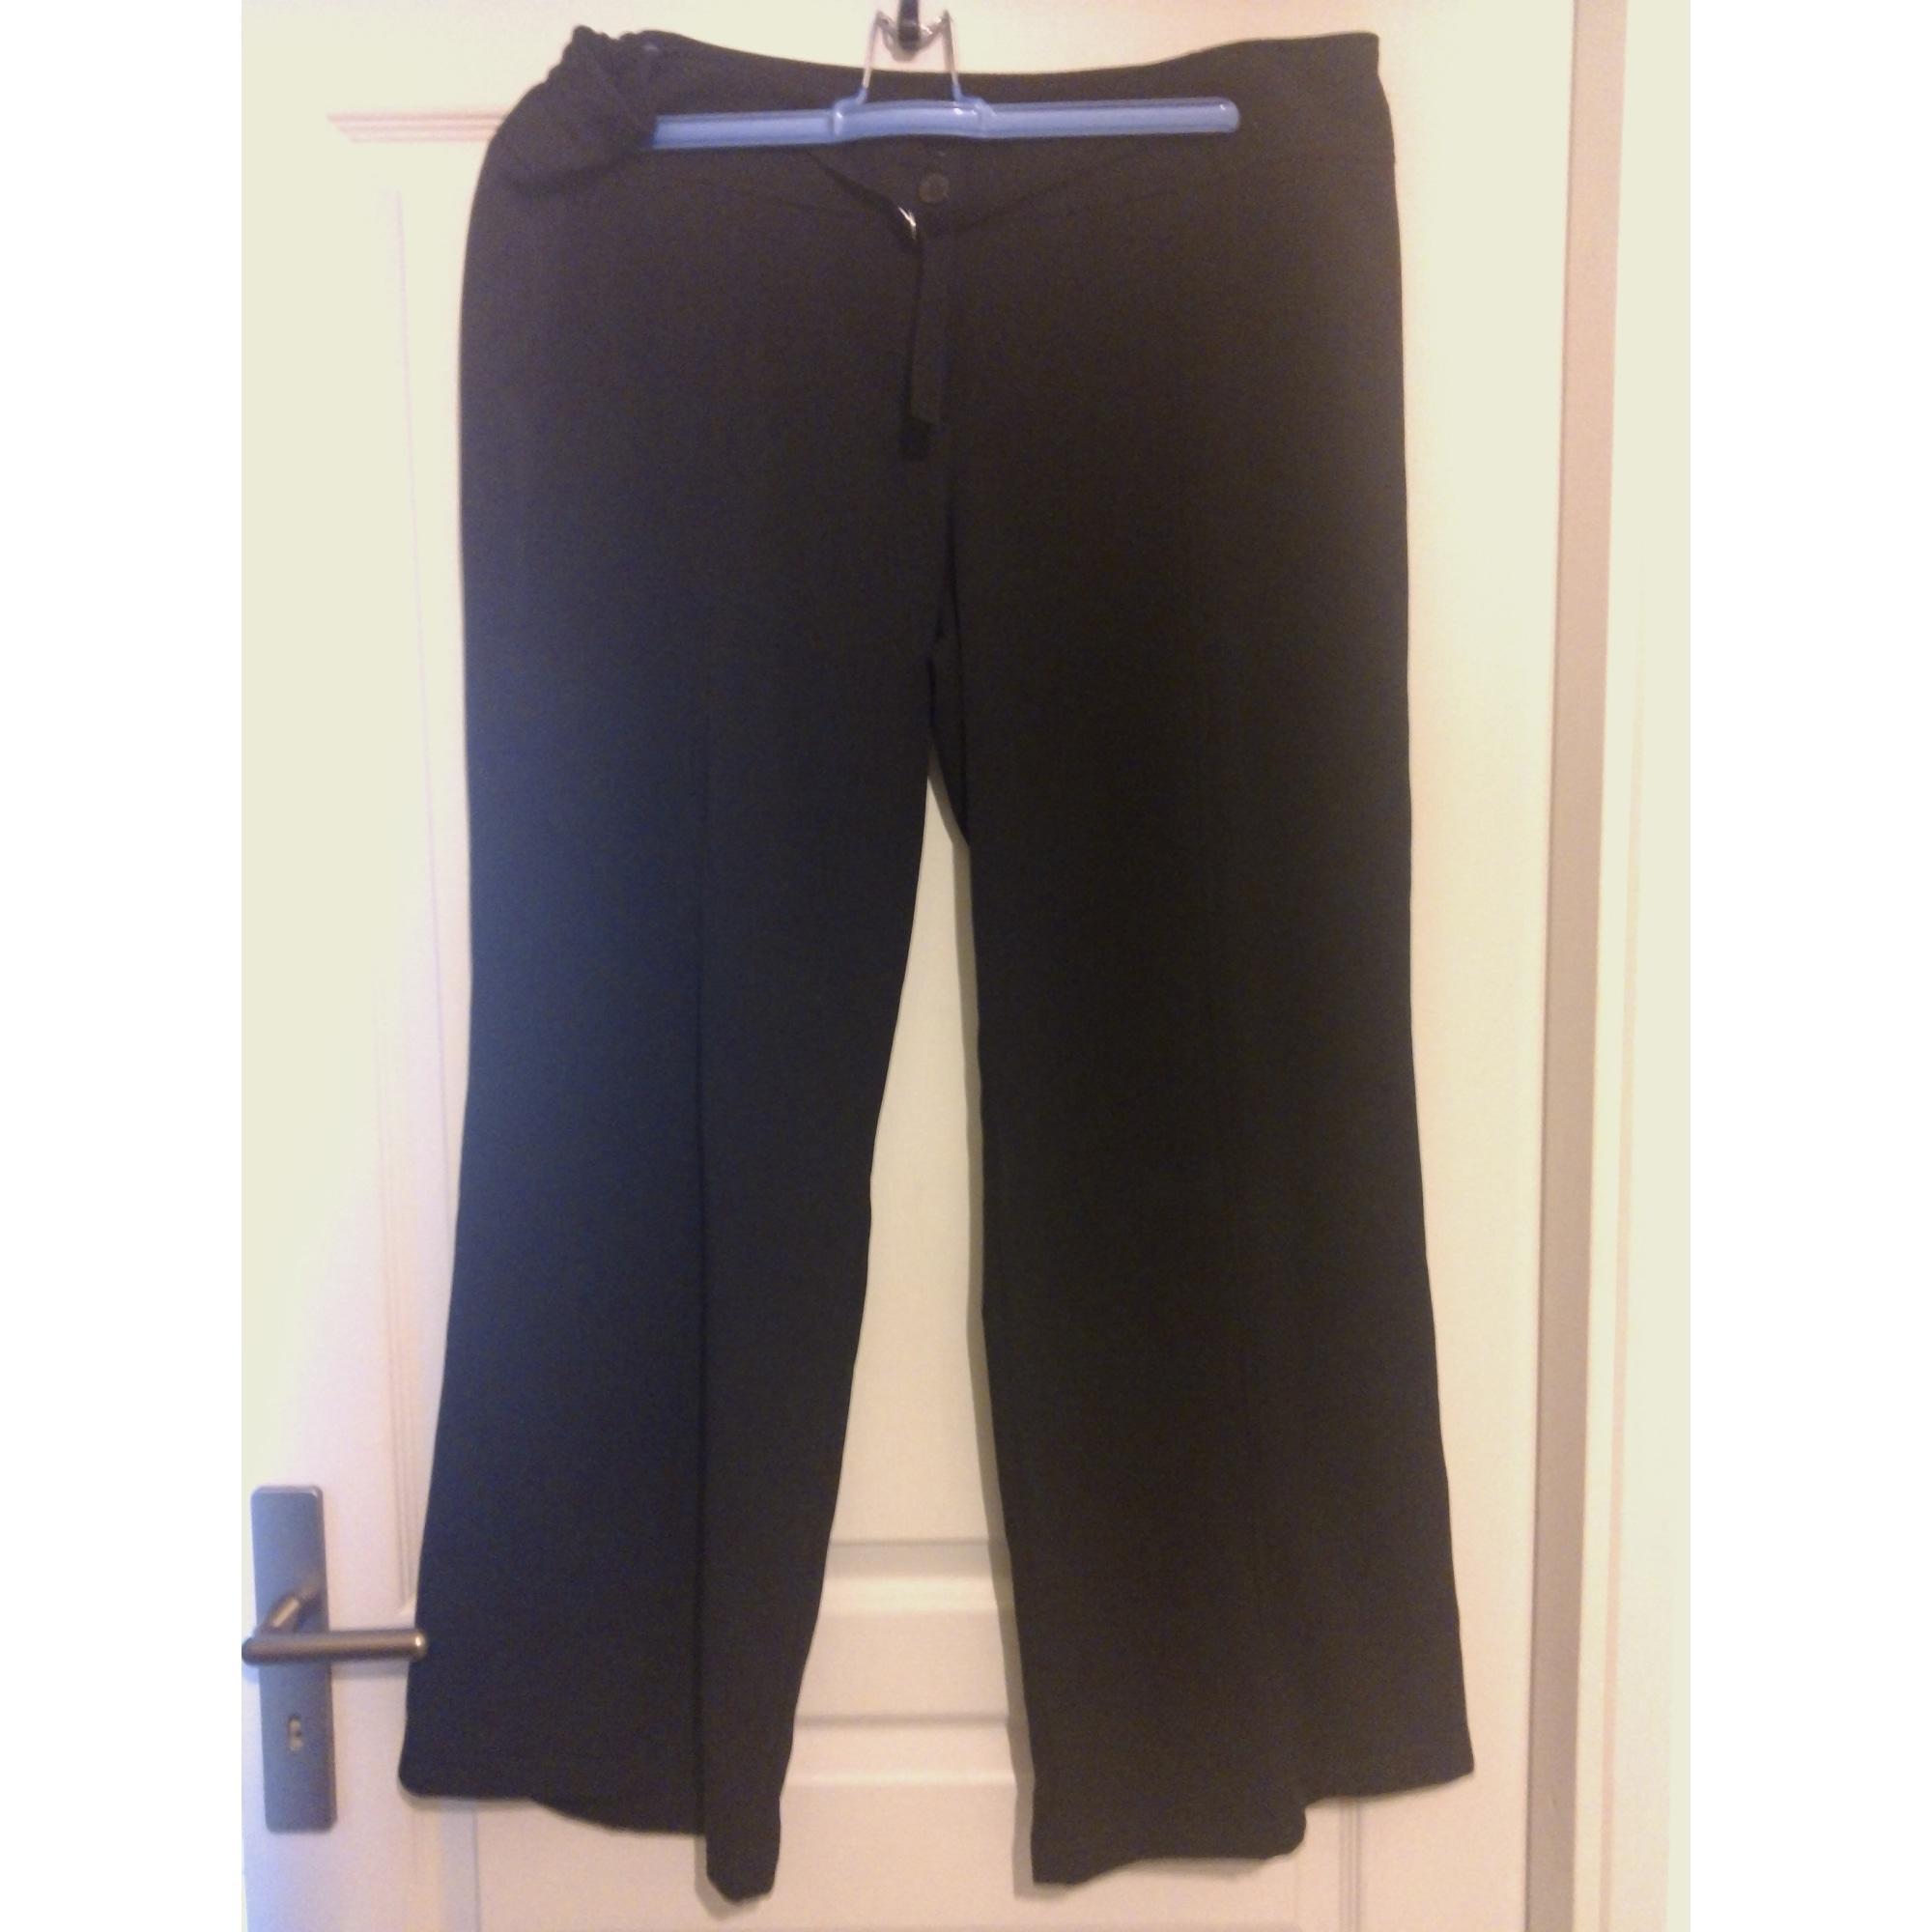 48a576731a8 Pantalon large MS MODE 48 (XXXL) noir vendu par Big is beautiful ...